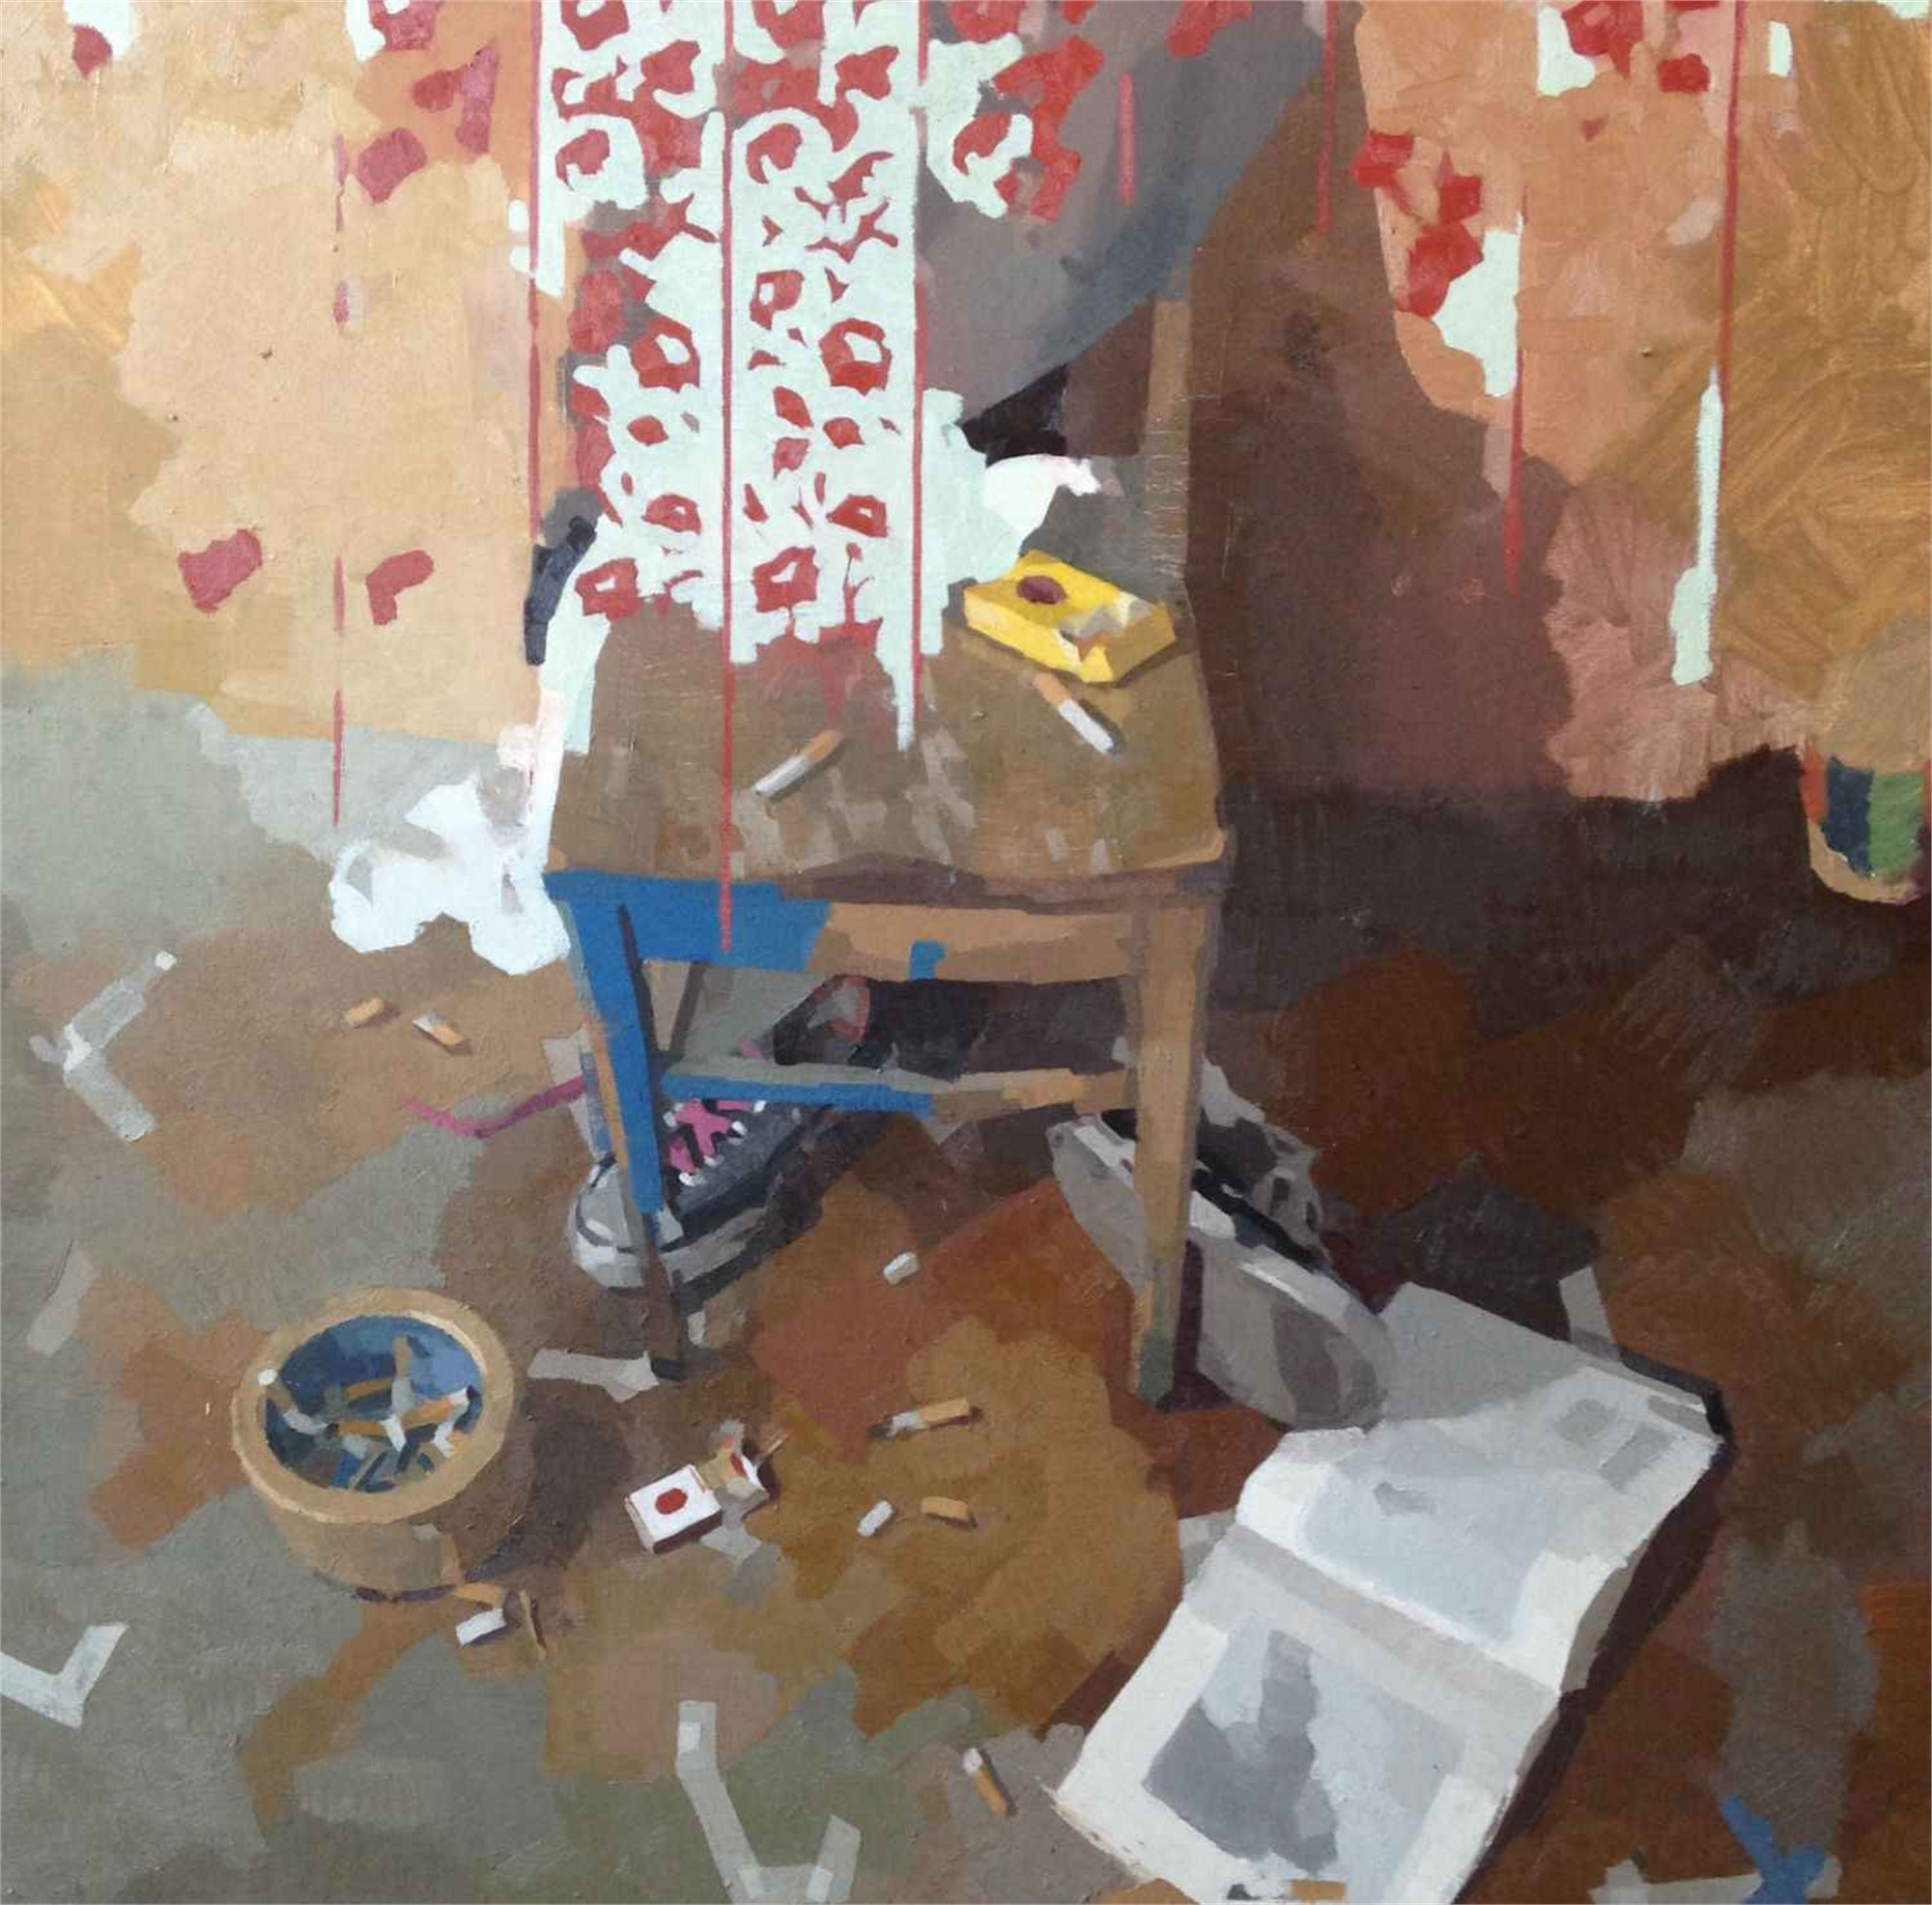 31 & 11/12ths by Elliott Clausen